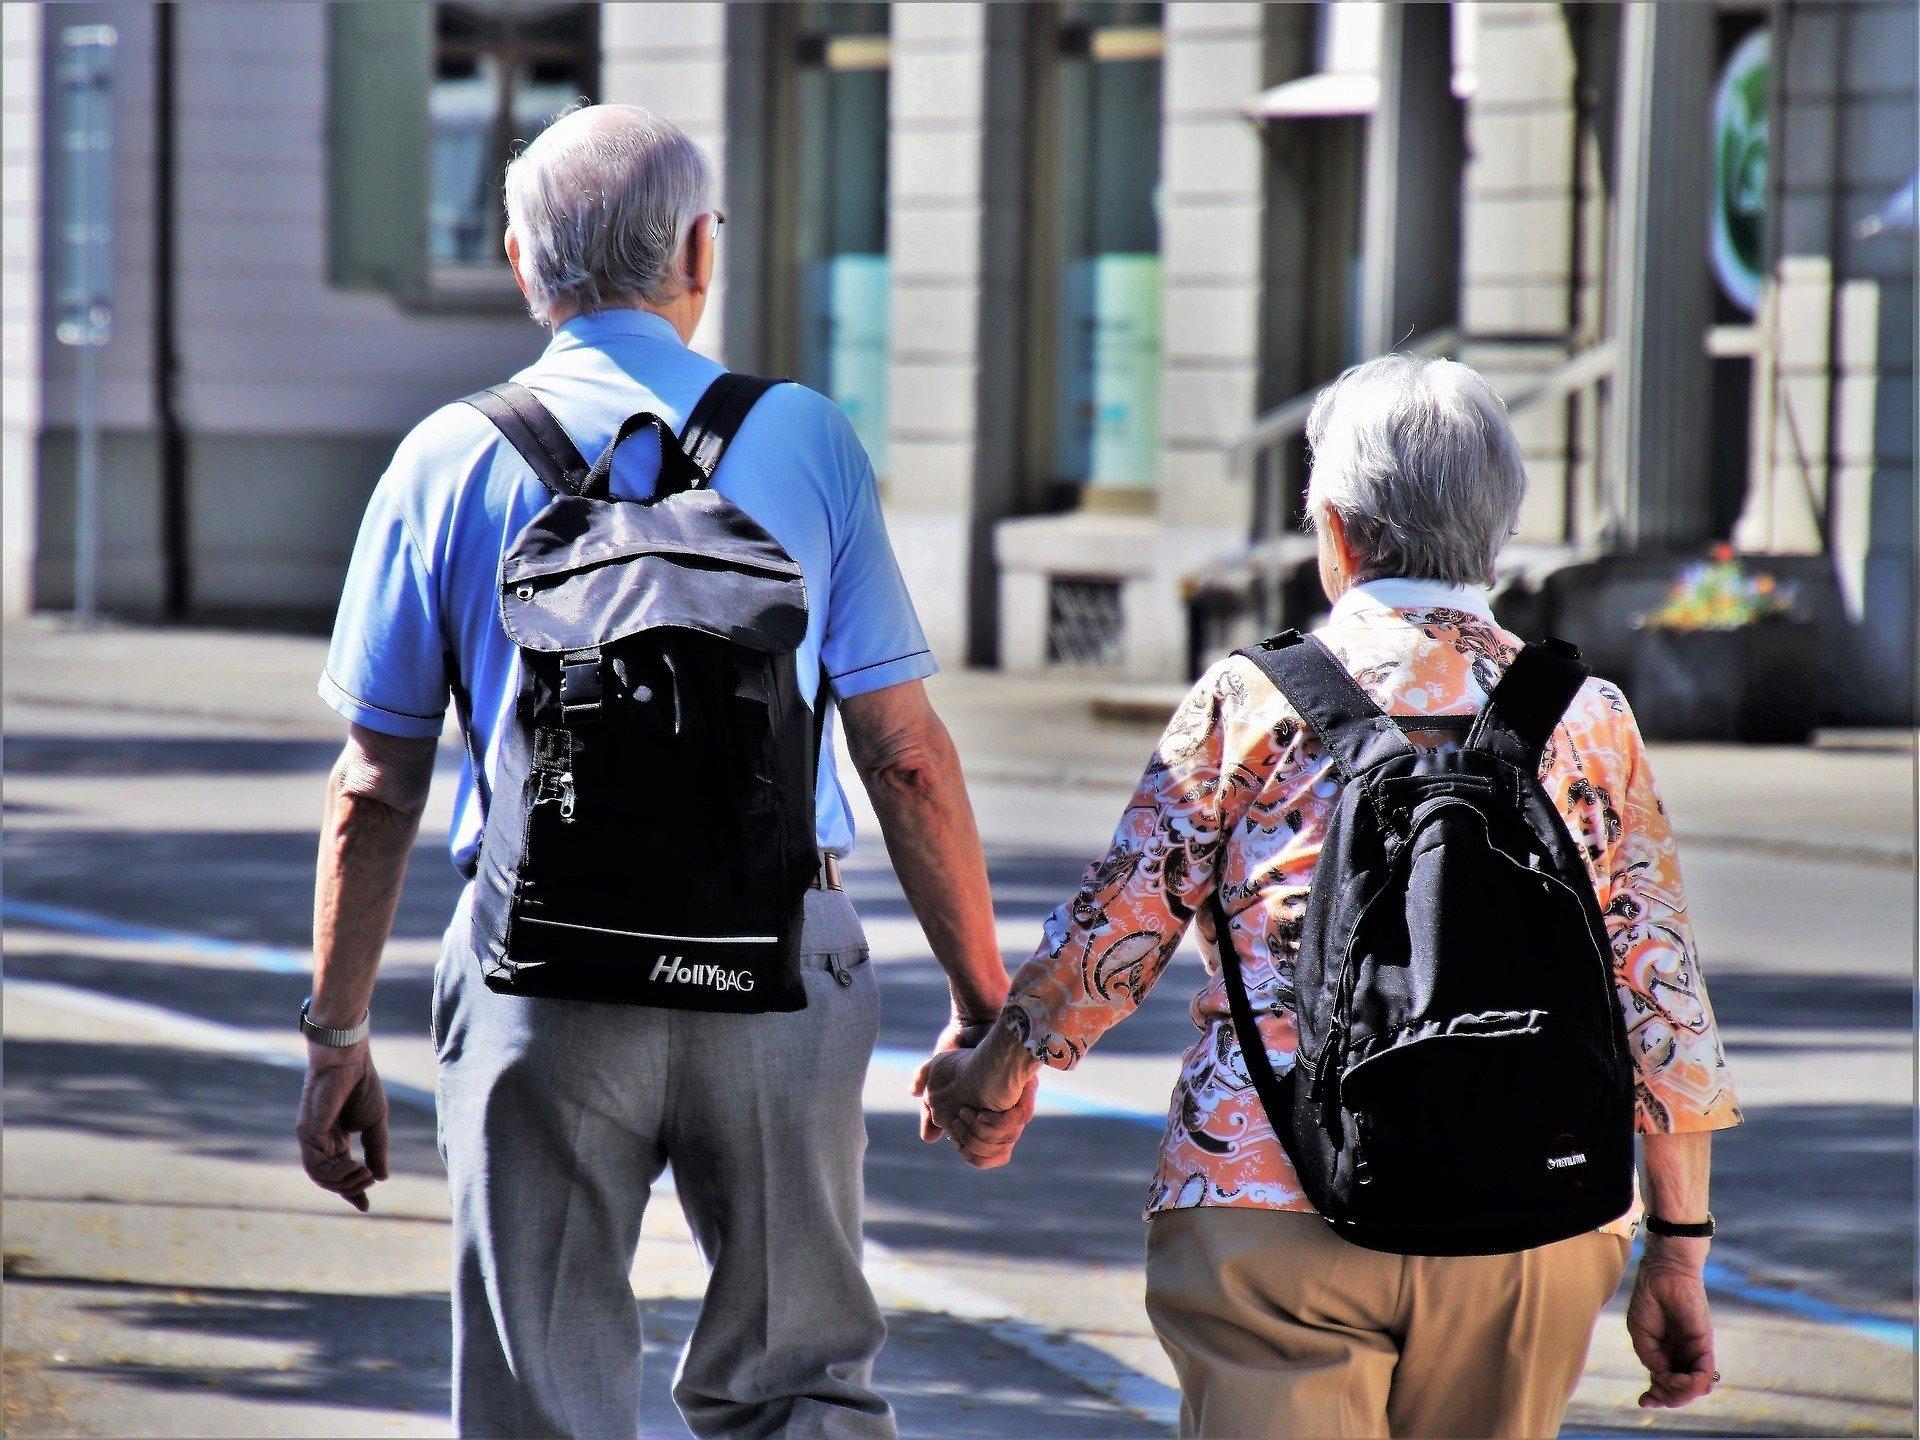 Пенсионерам выдадут памперсы и кнопку безопасности